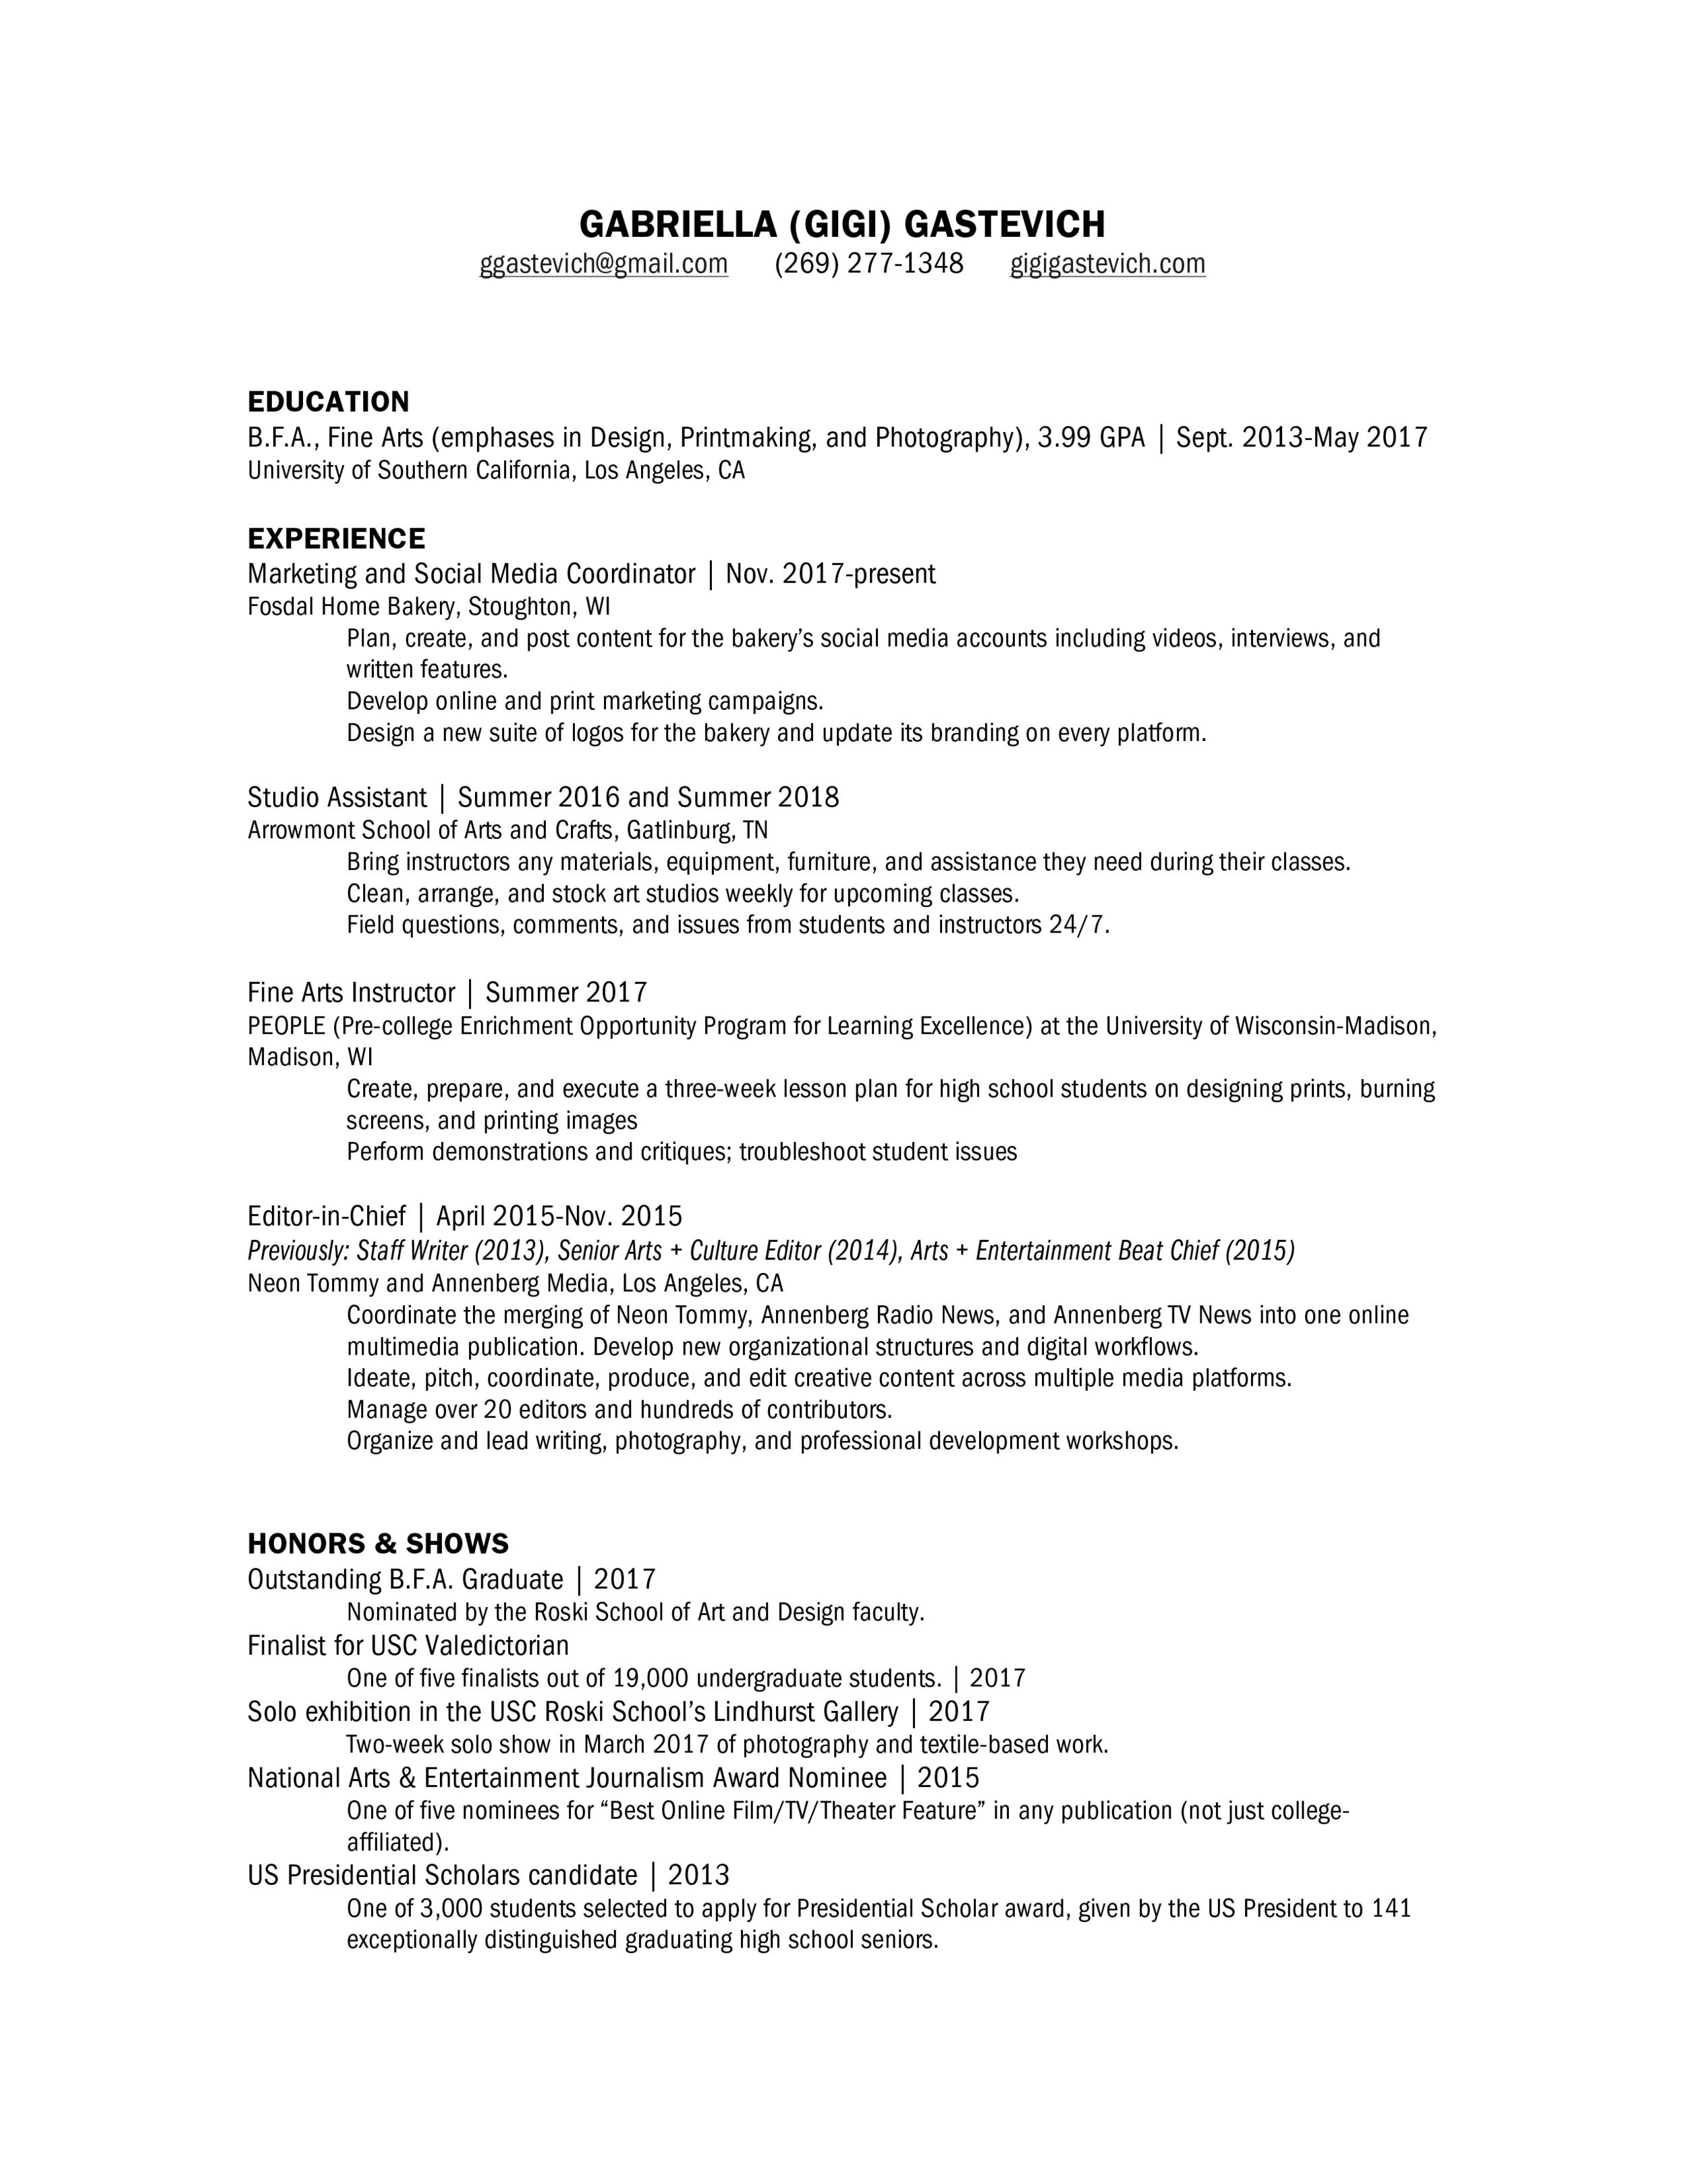 Gigi Gastevich Resume.png